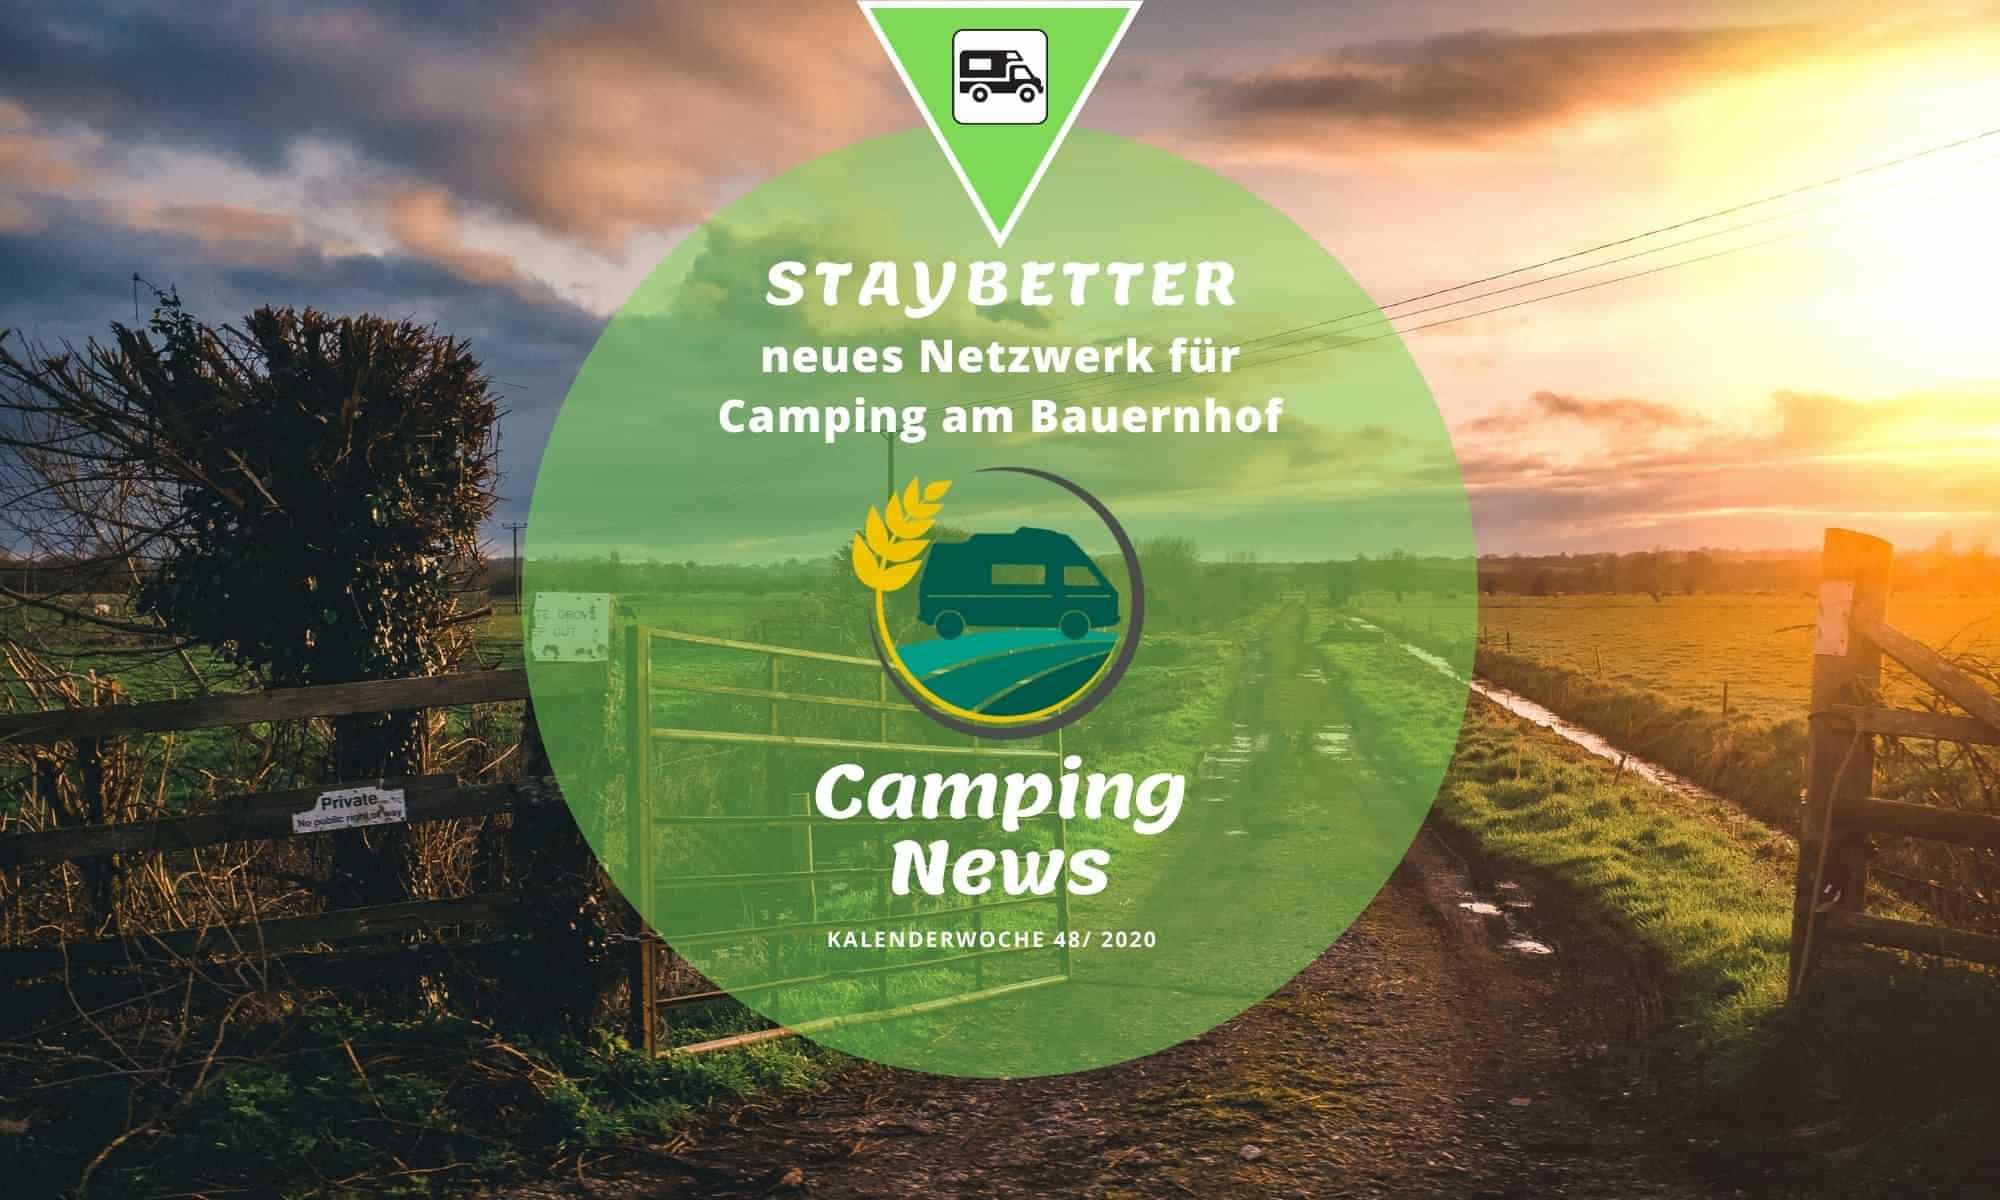 Staybetter – Camping am Bauernhof | Camping News Wochenrückblick – KW48/2020